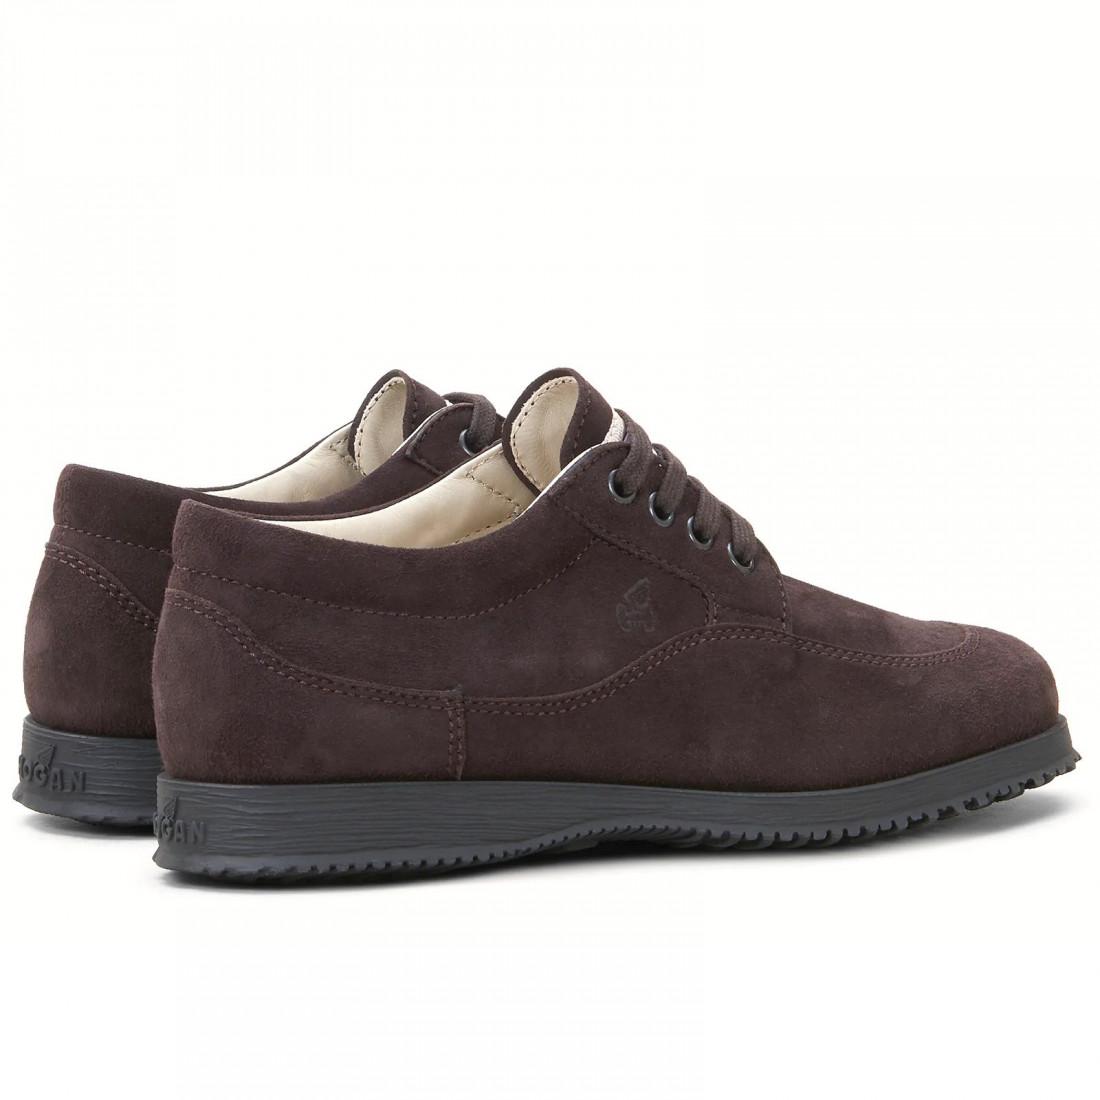 sneakers woman hogan hxw00e00010cr0s807 6461